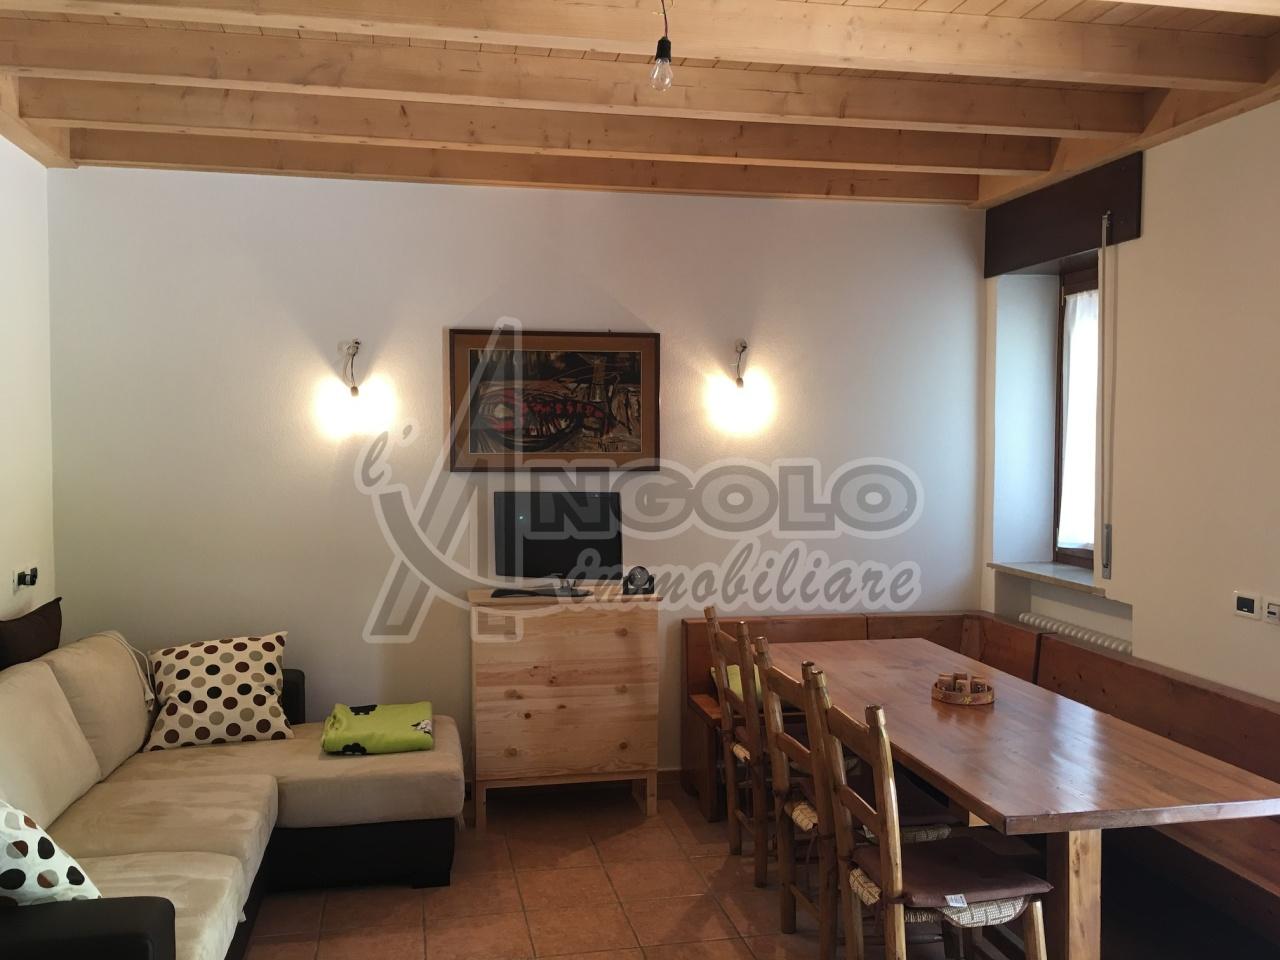 Appartamento in vendita a Asiago, 4 locali, prezzo € 95.000 | Cambio Casa.it